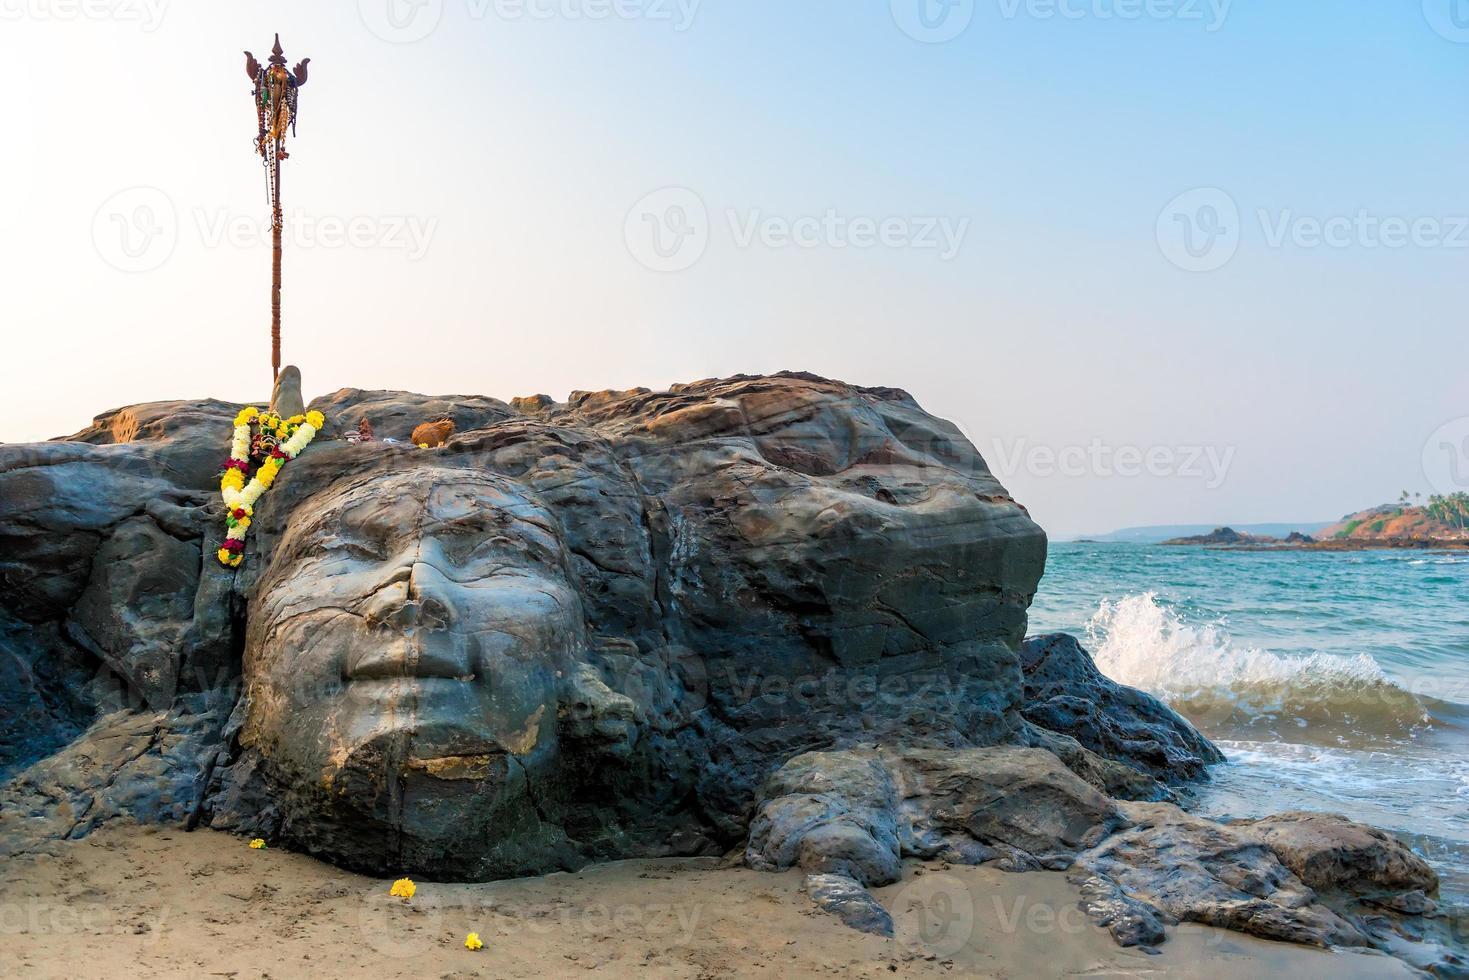 attrazioni vagator beach in goa nord faccia di shiva foto